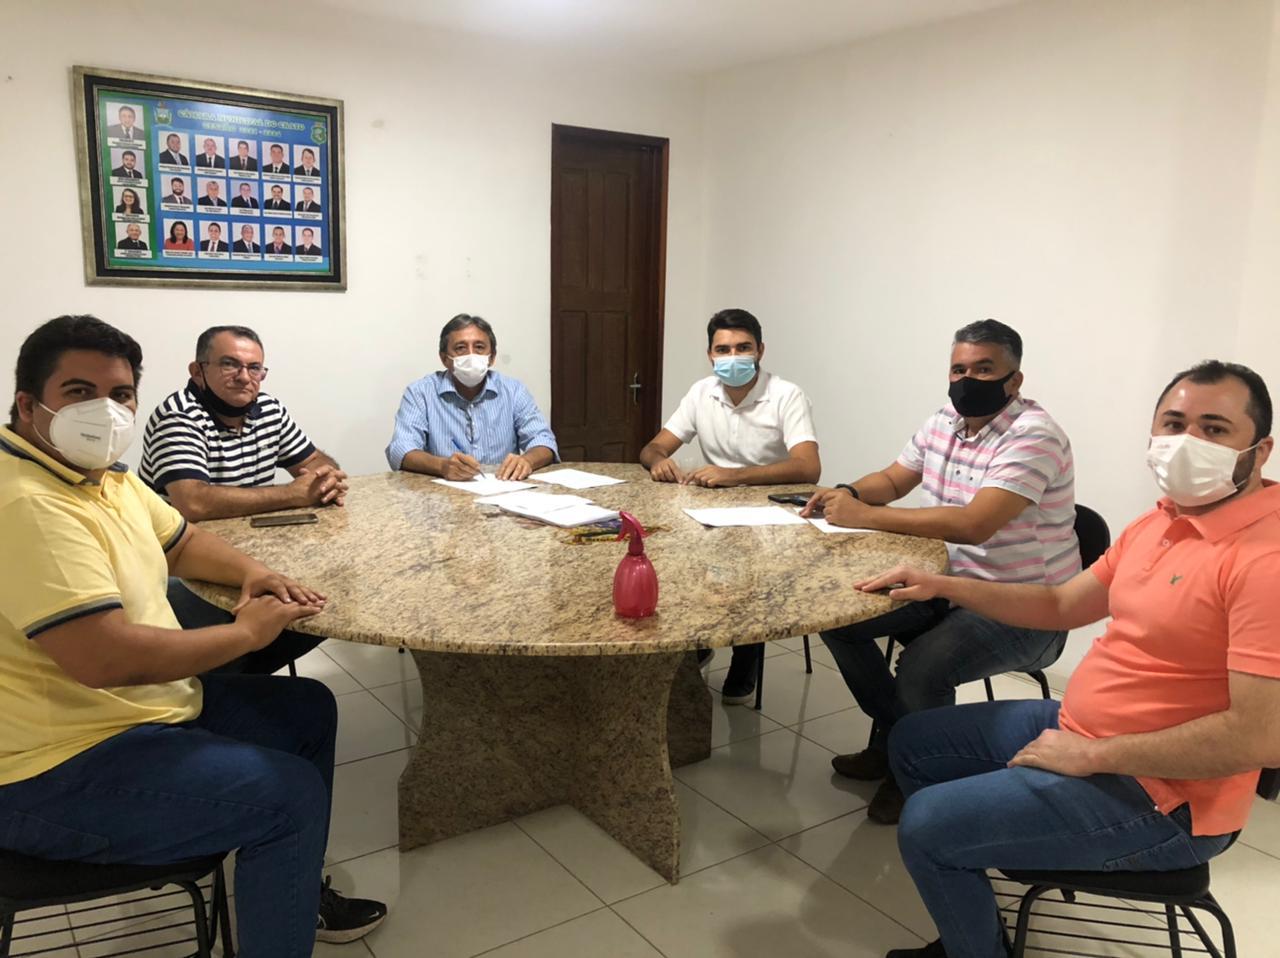 FOTO: ASCOM /CÂMARA MUNICIPAL DE VEREADORES DO CRATO/DIVULGAÇÃO